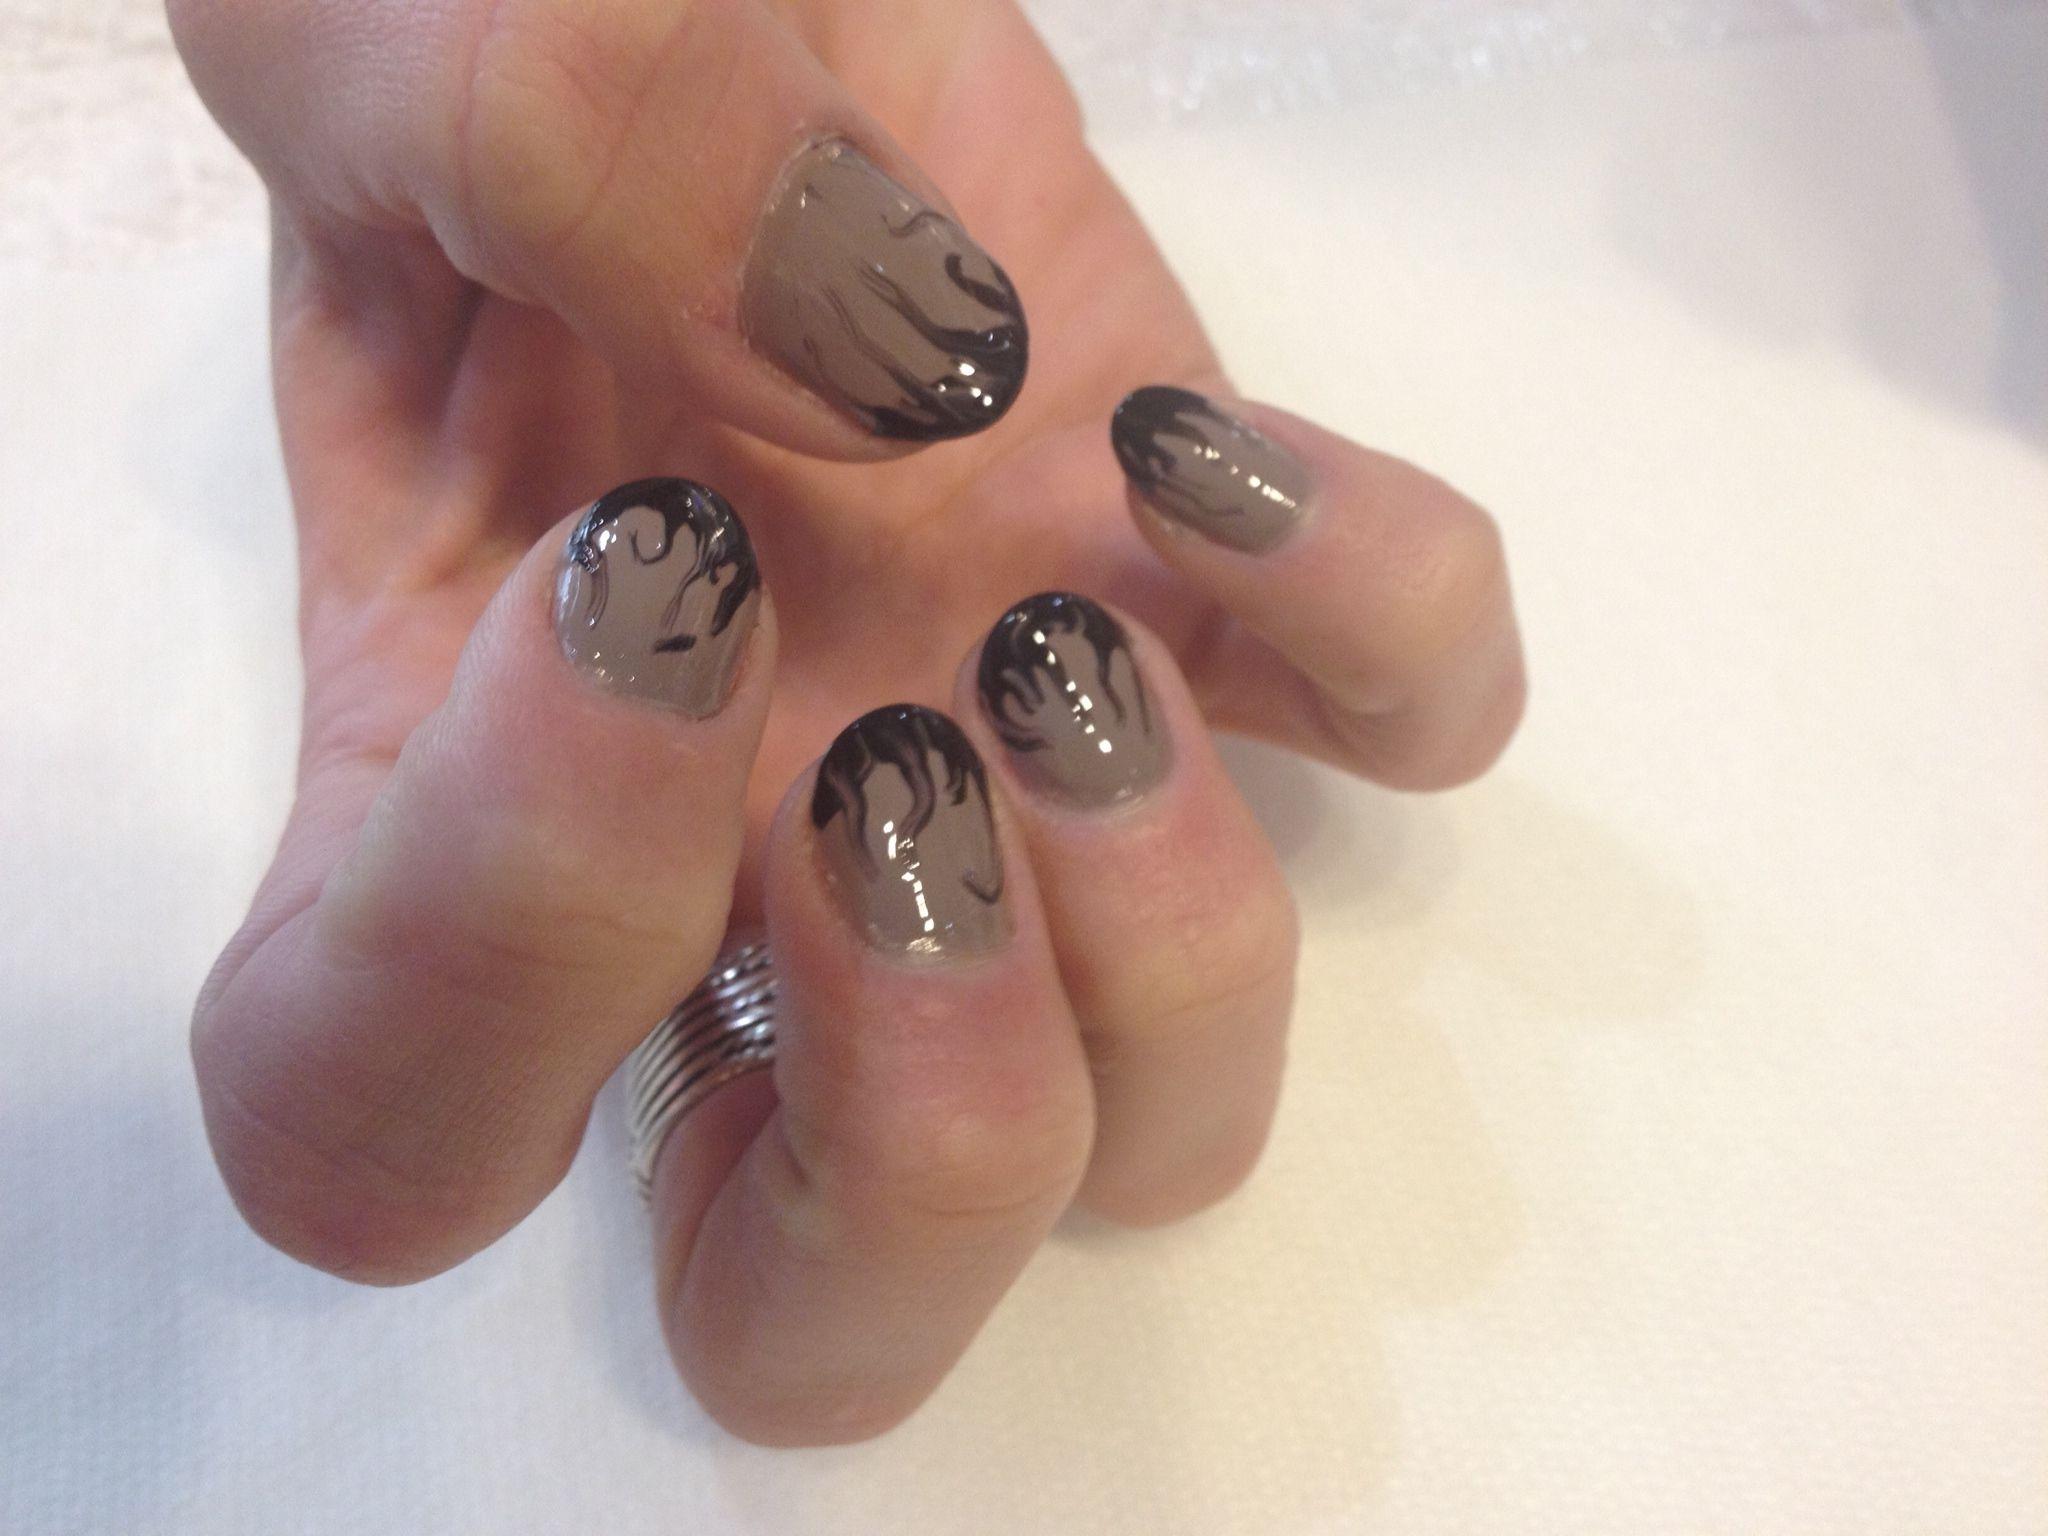 nailart #nails #manicure #GingerBaySalonandSpa #Terri #shellac ...